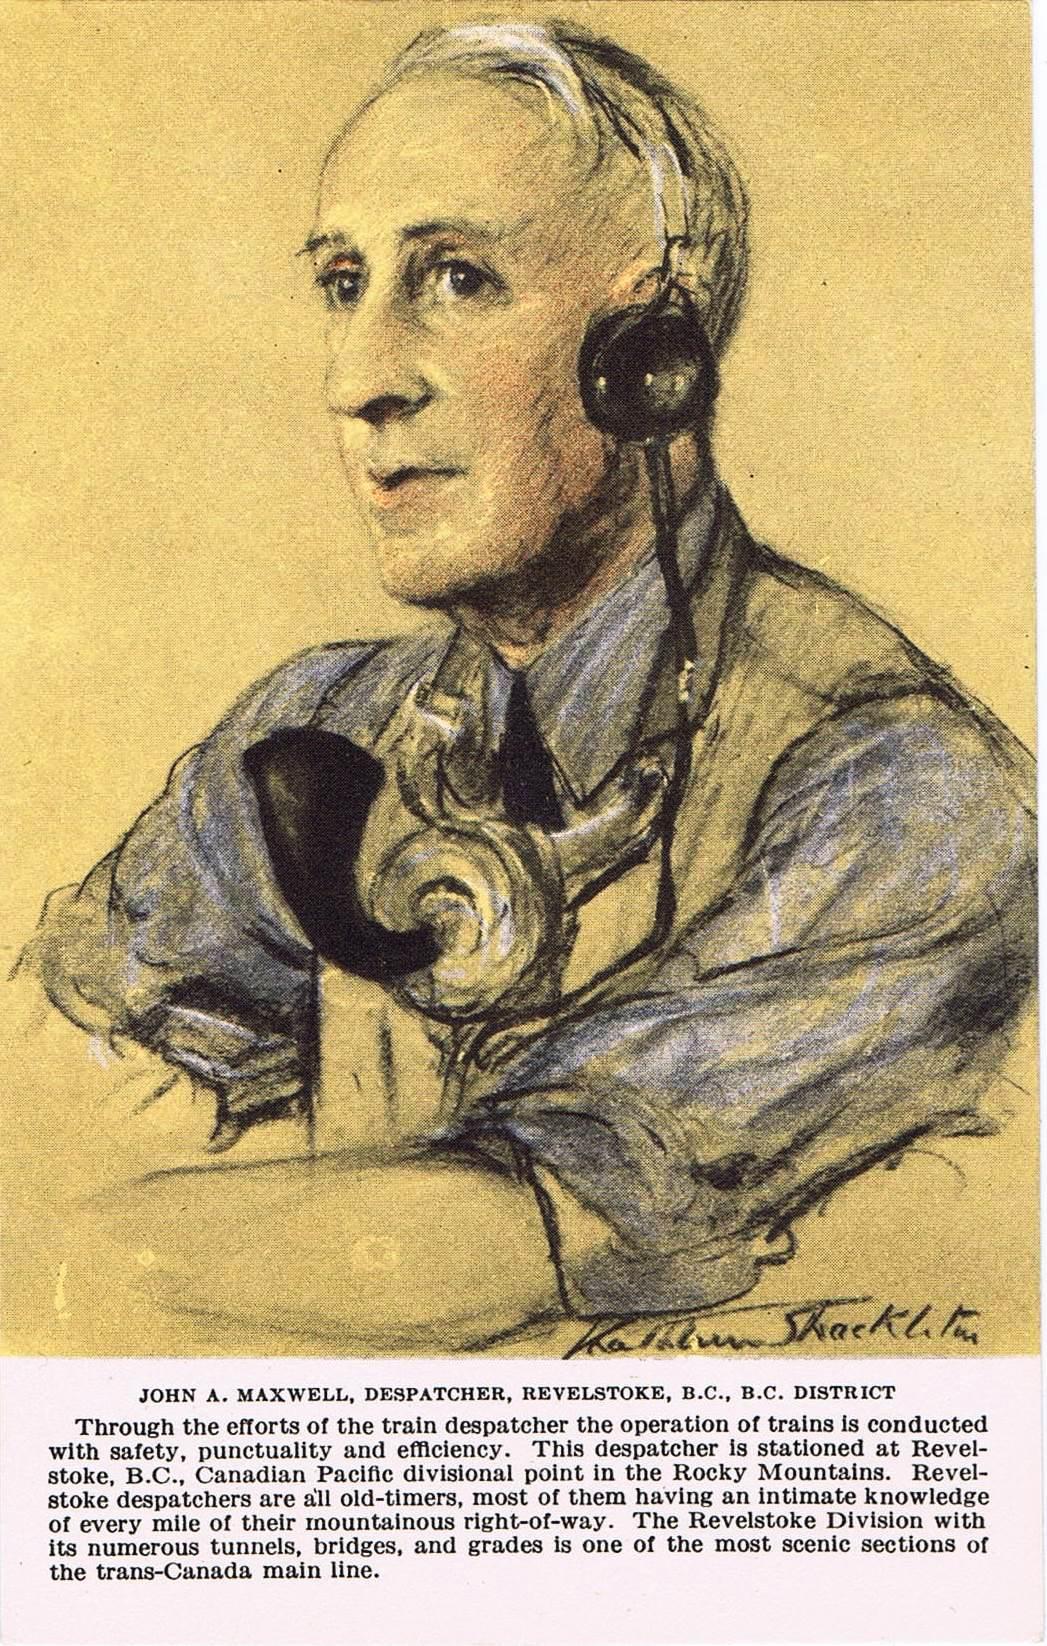 2A - John A. Maxwell, dispatcher, Revelstoke